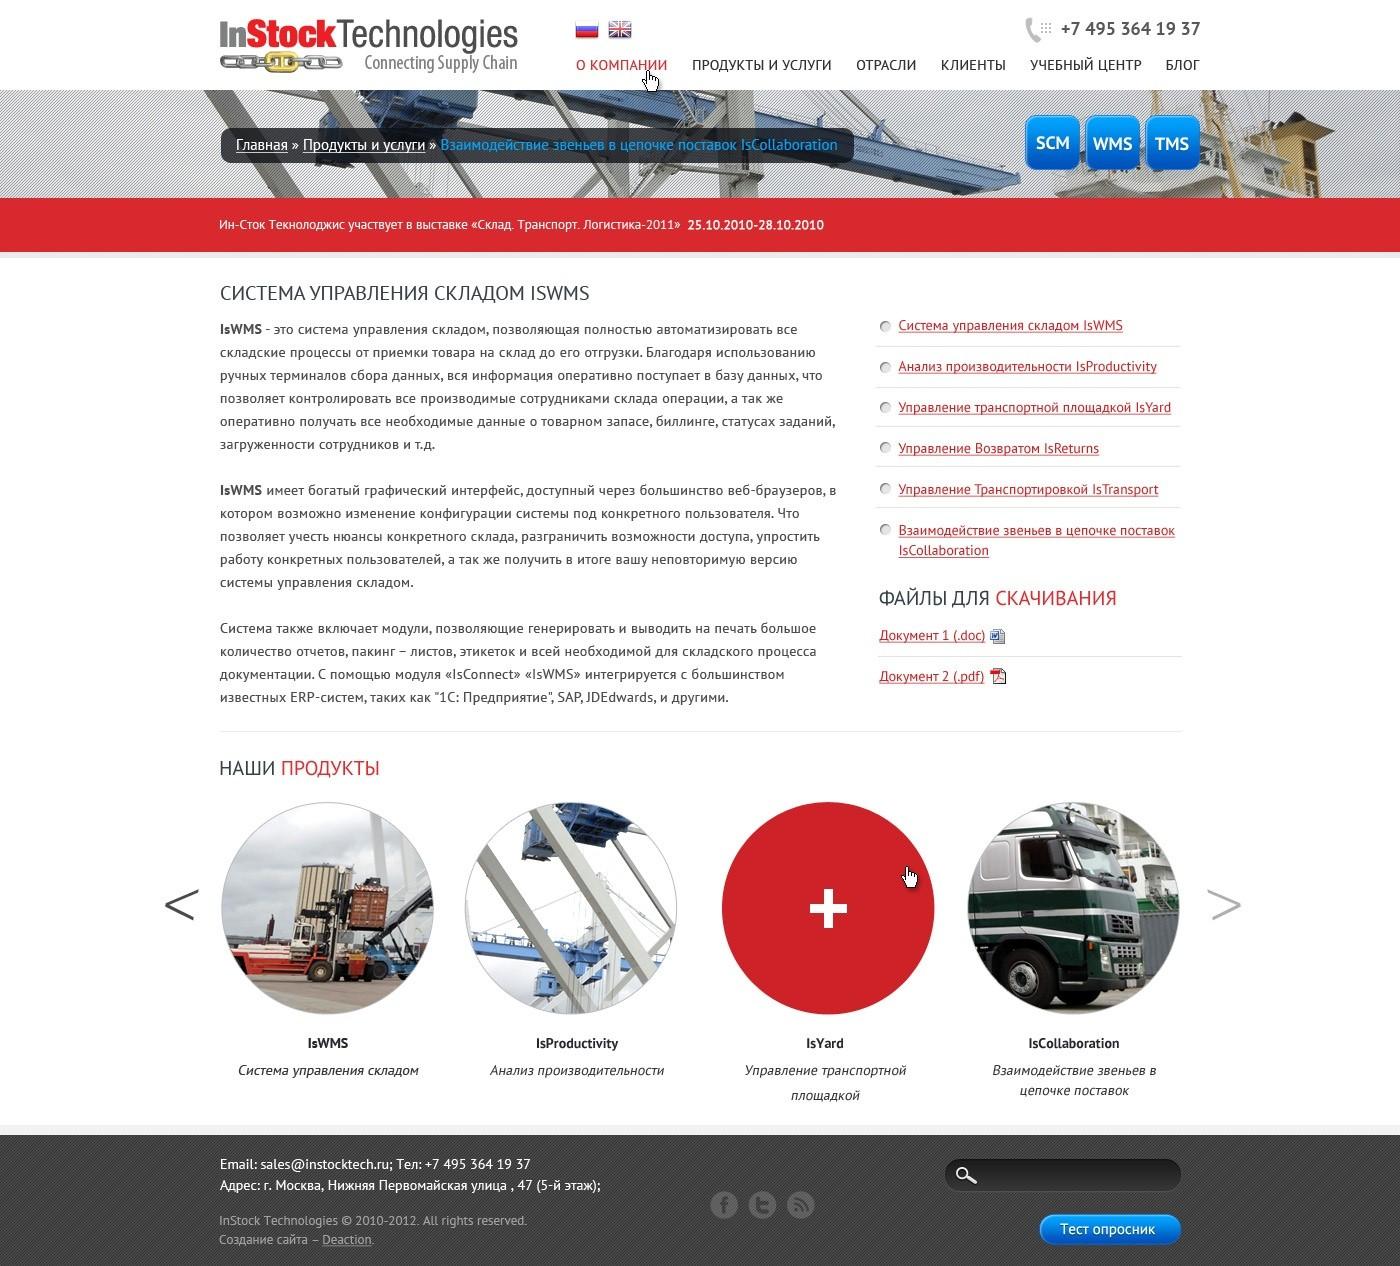 InStock Technologies. Автоматизация логистических и складских процессов